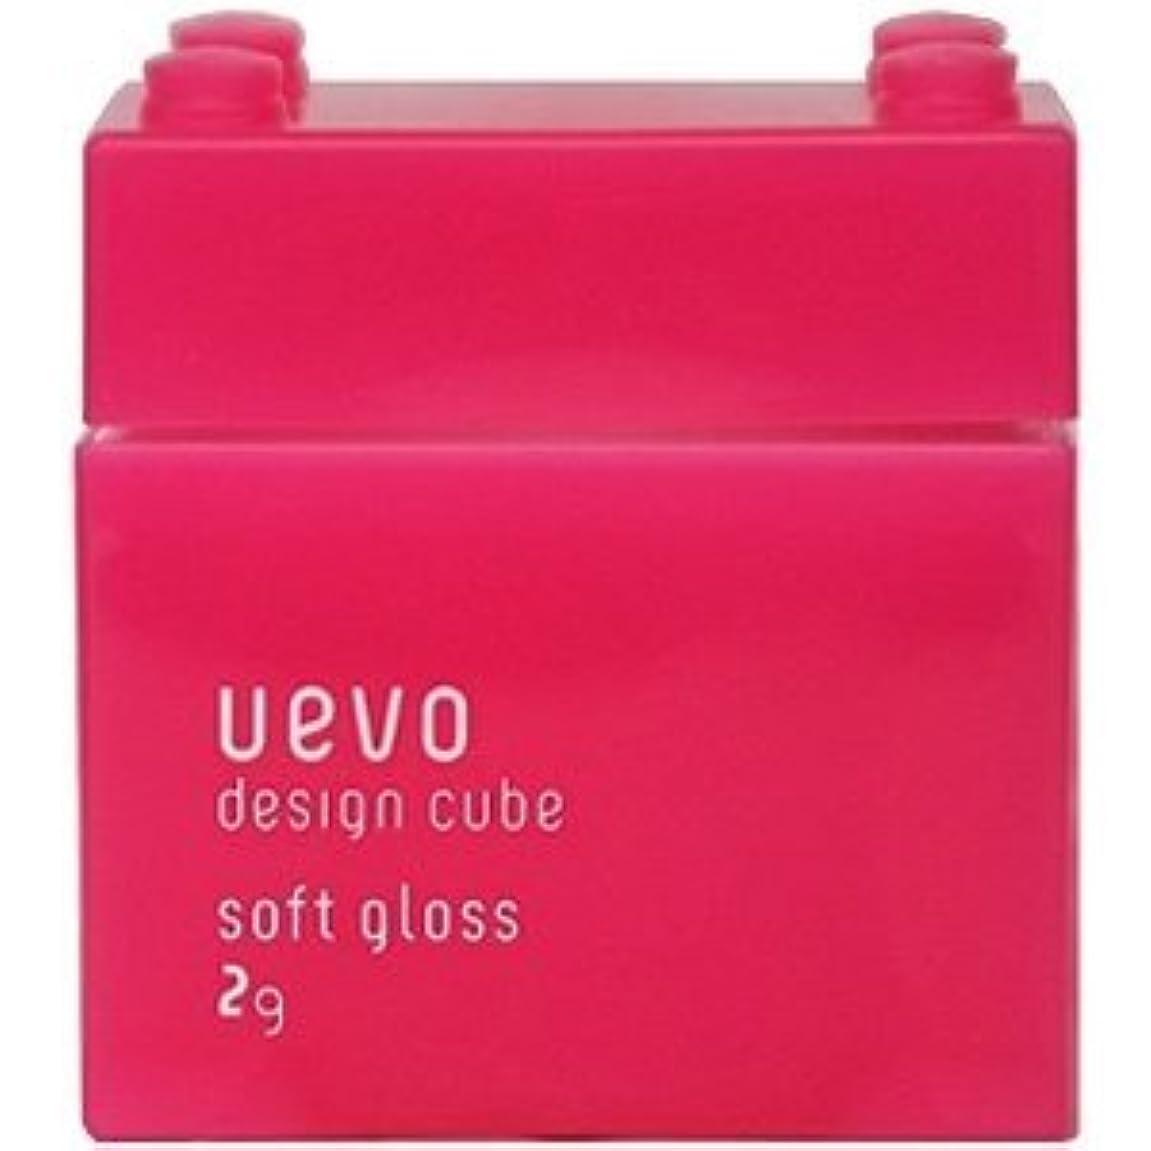 レビュー助けて攻撃【X3個セット】 デミ ウェーボ デザインキューブ ソフトグロス 80g soft gloss DEMI uevo design cube